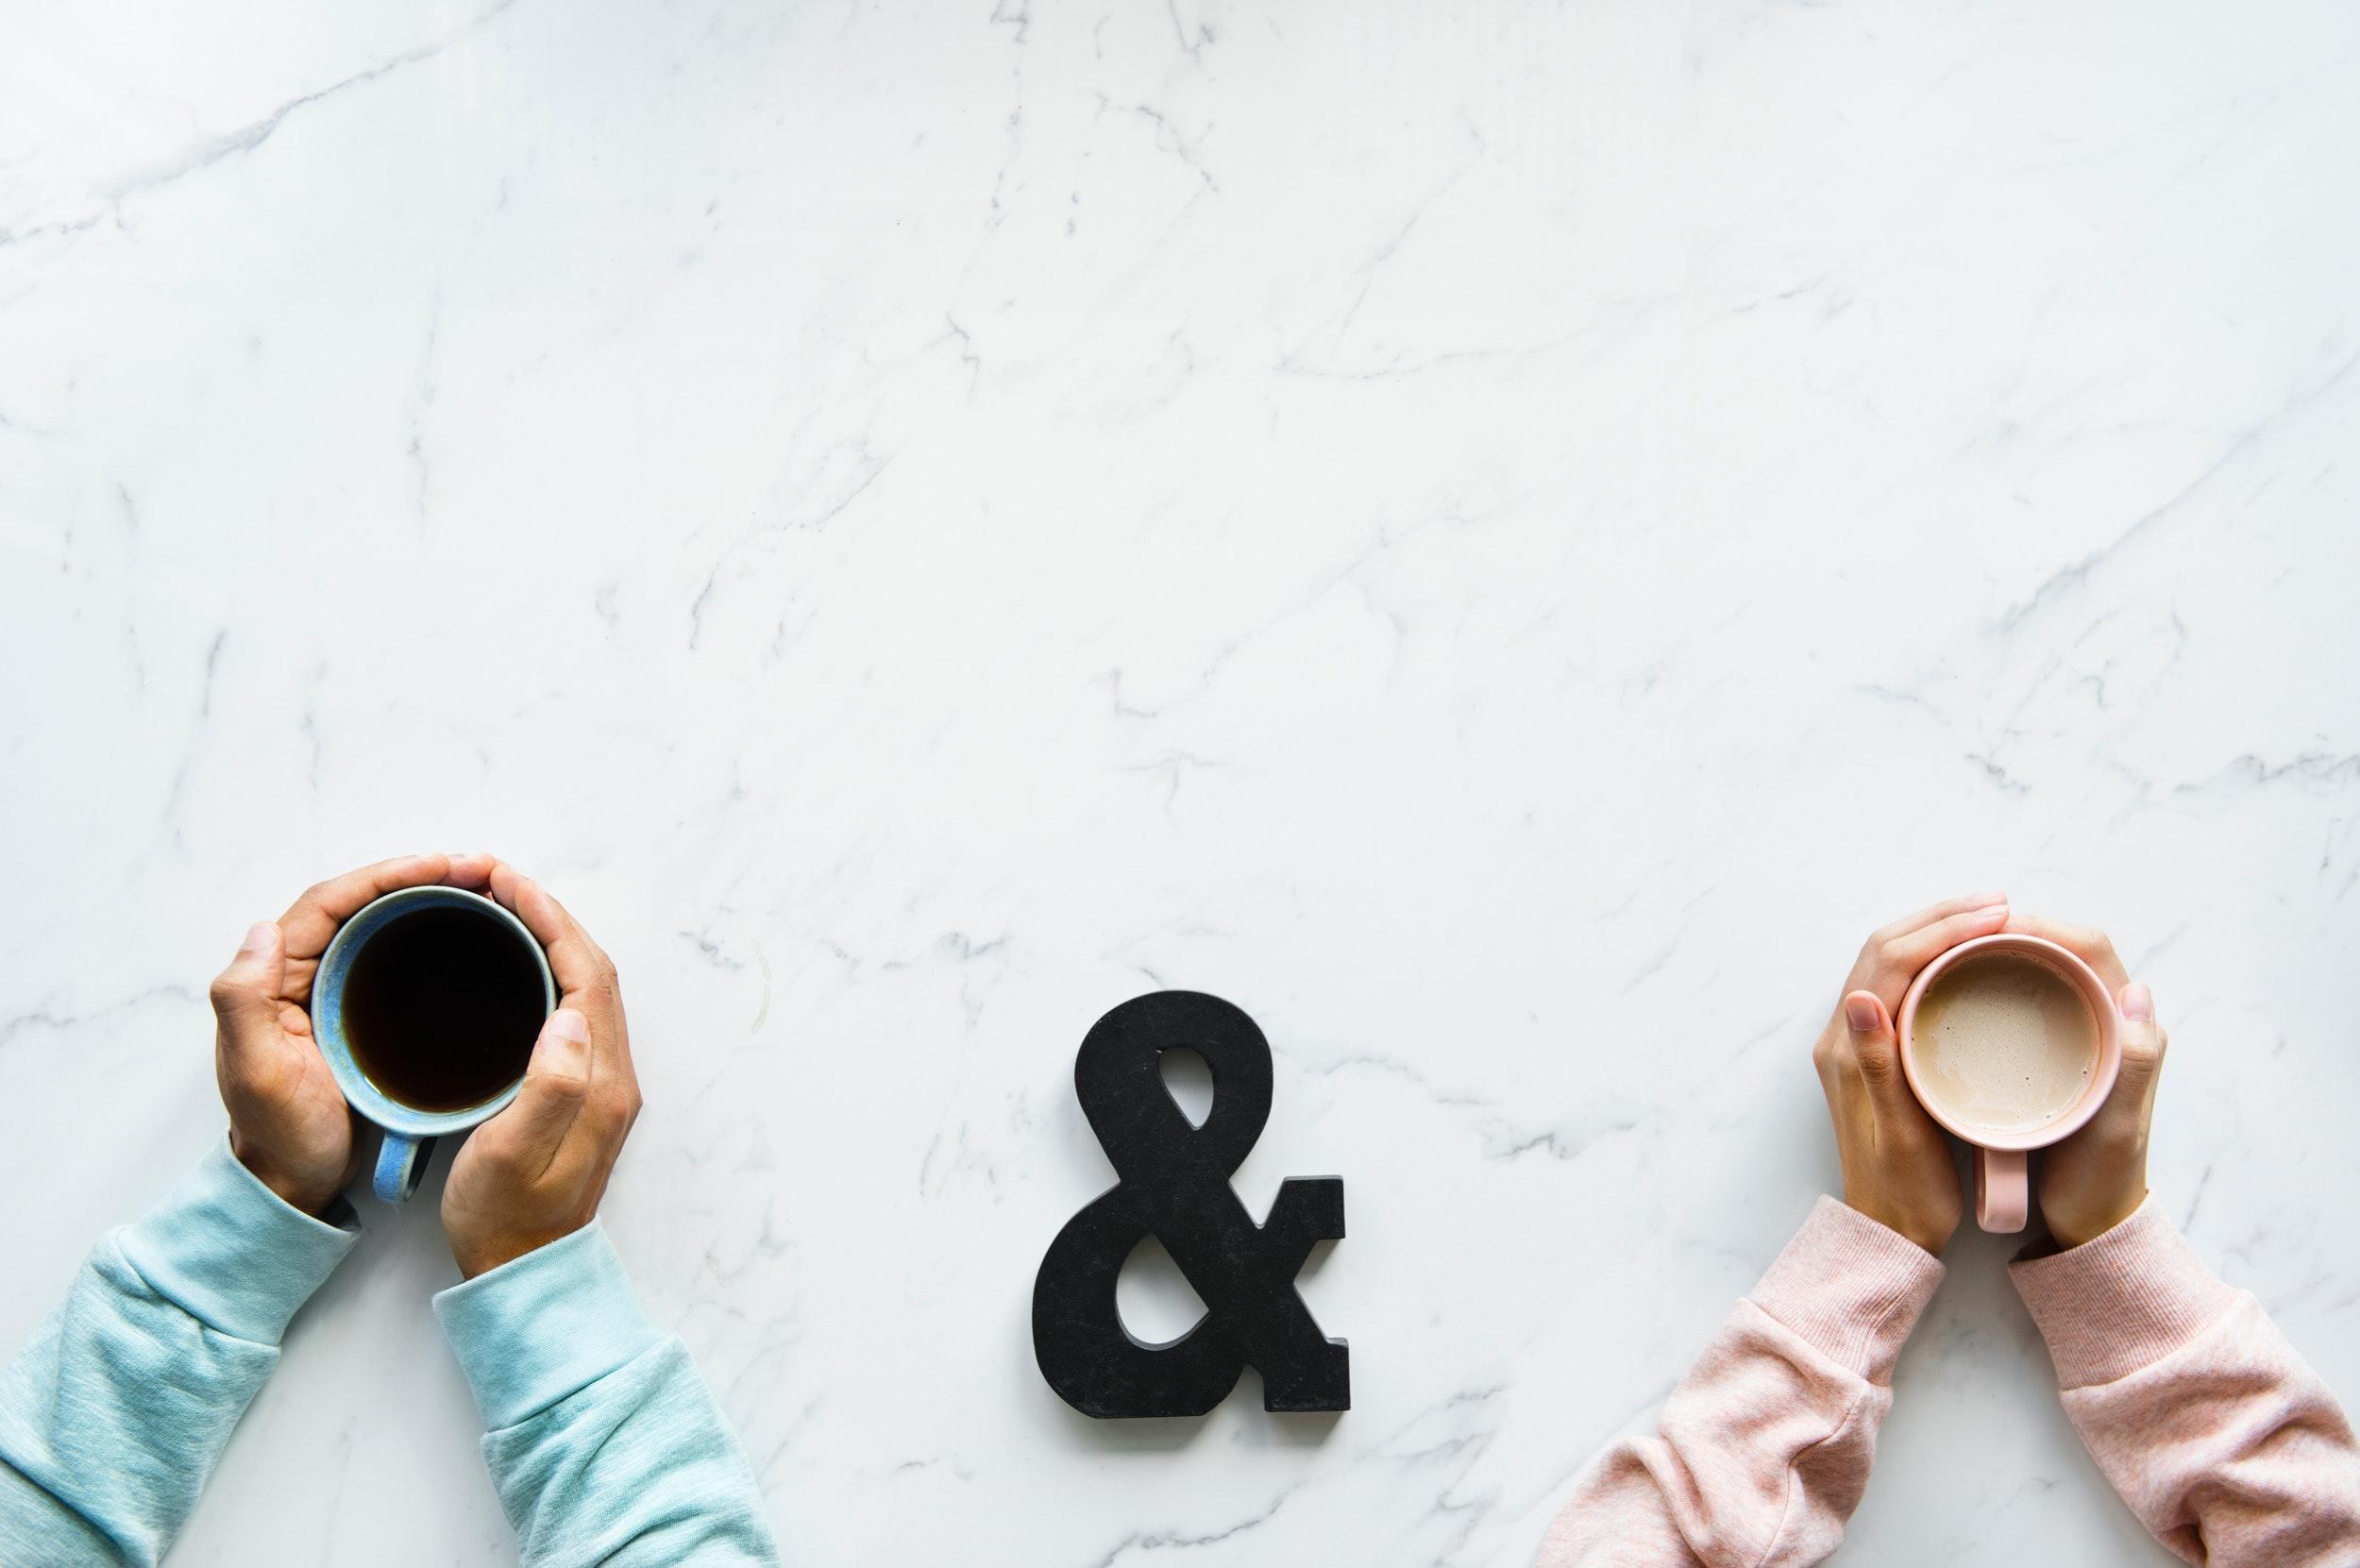 結婚前提のお付き合い中に注意すべきことは?